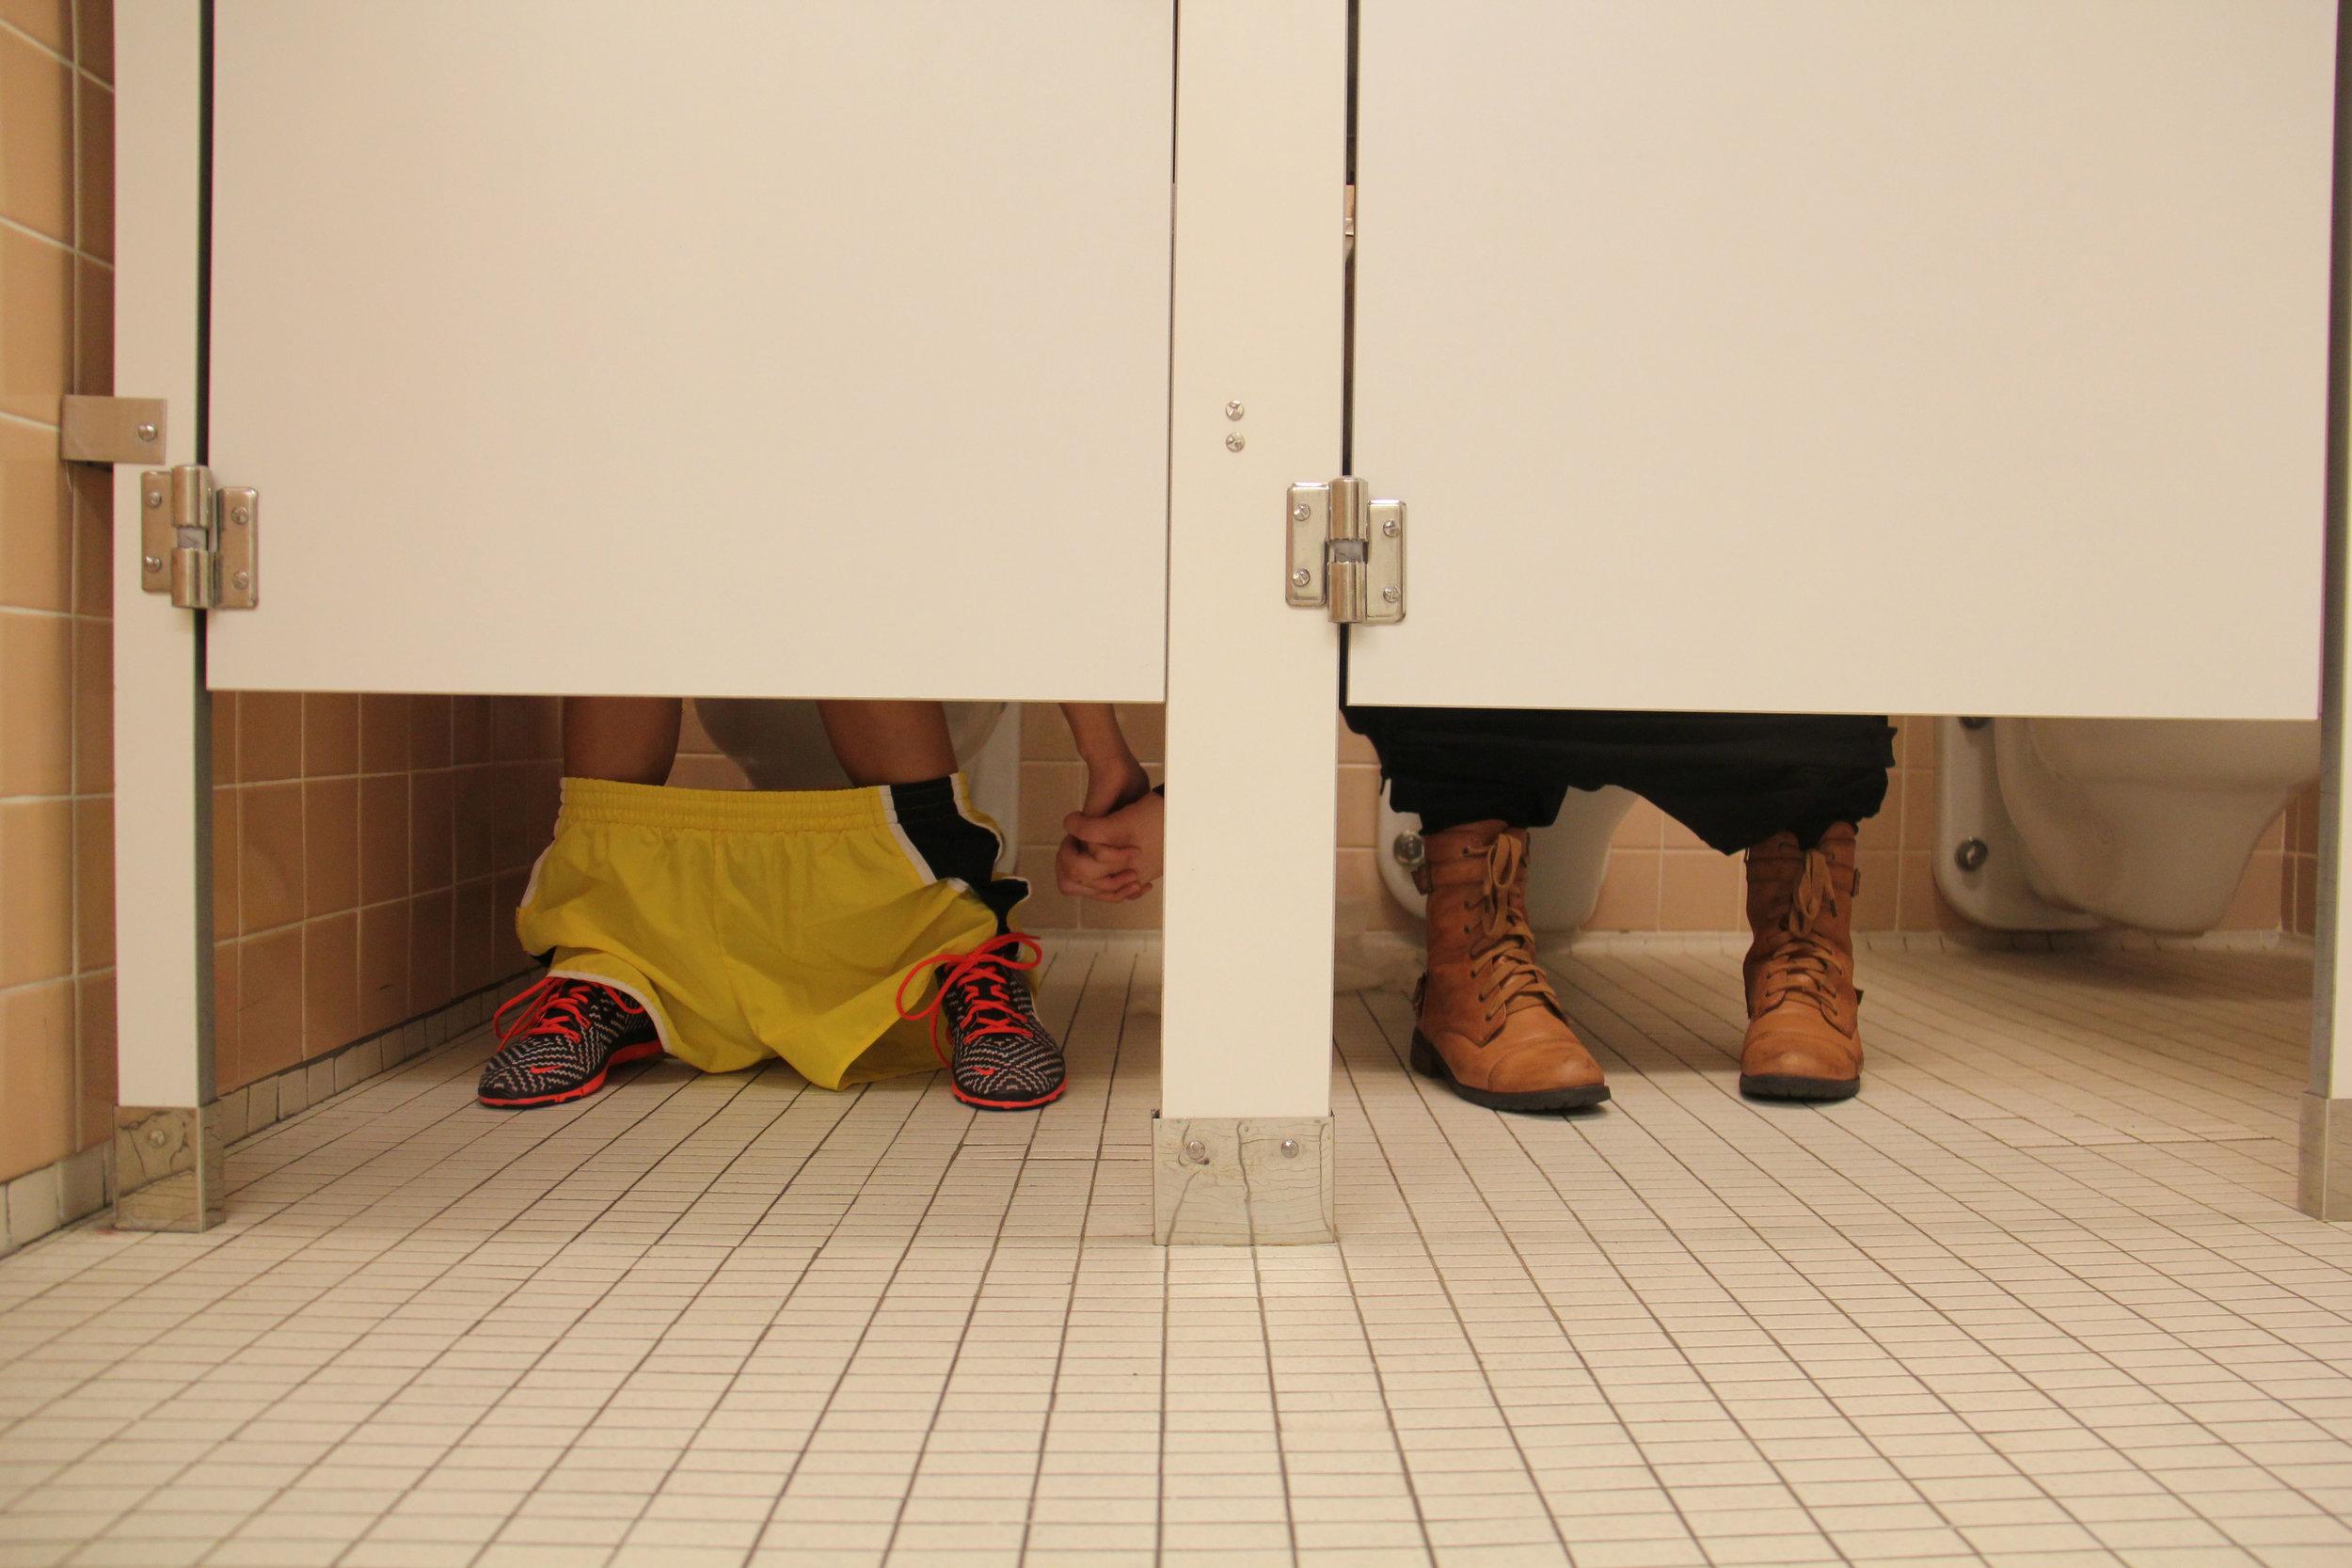 3.BathroomFriends